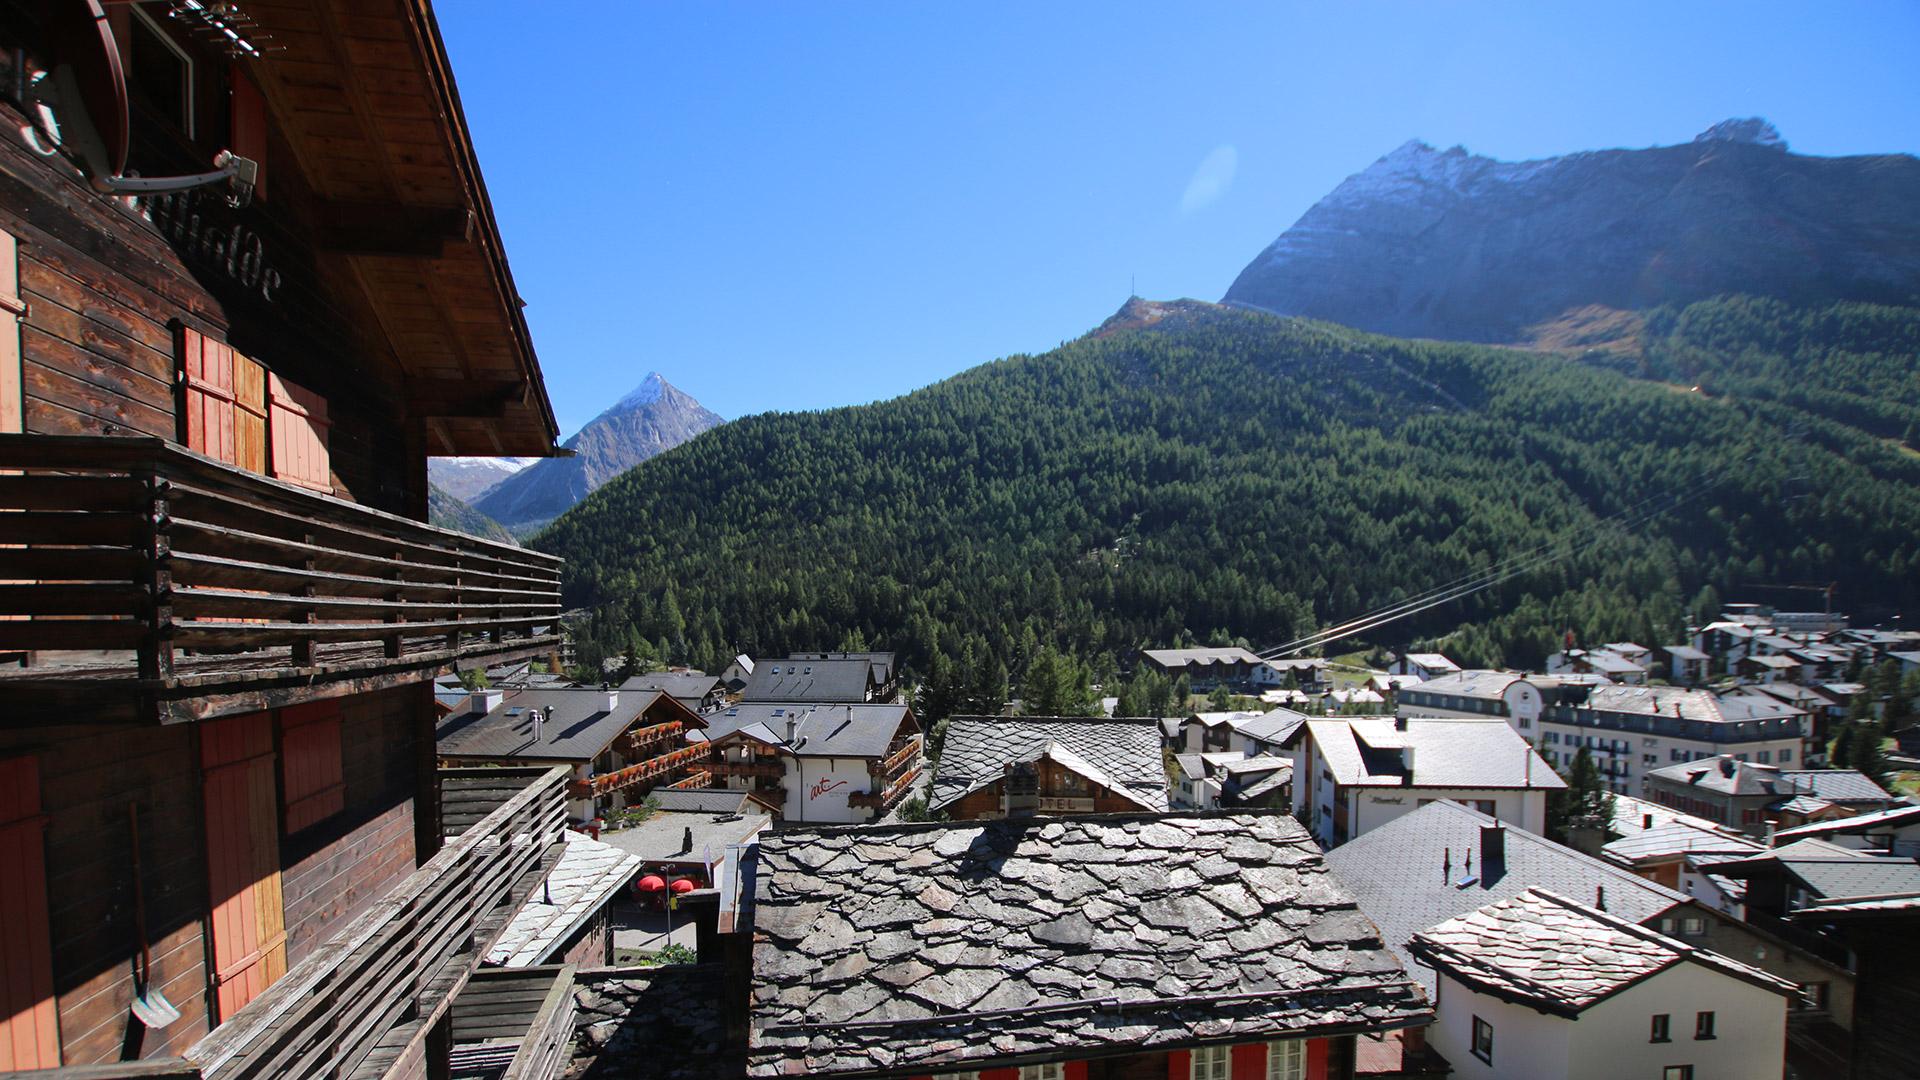 Sonnhalde Chalets Chalet, Switzerland